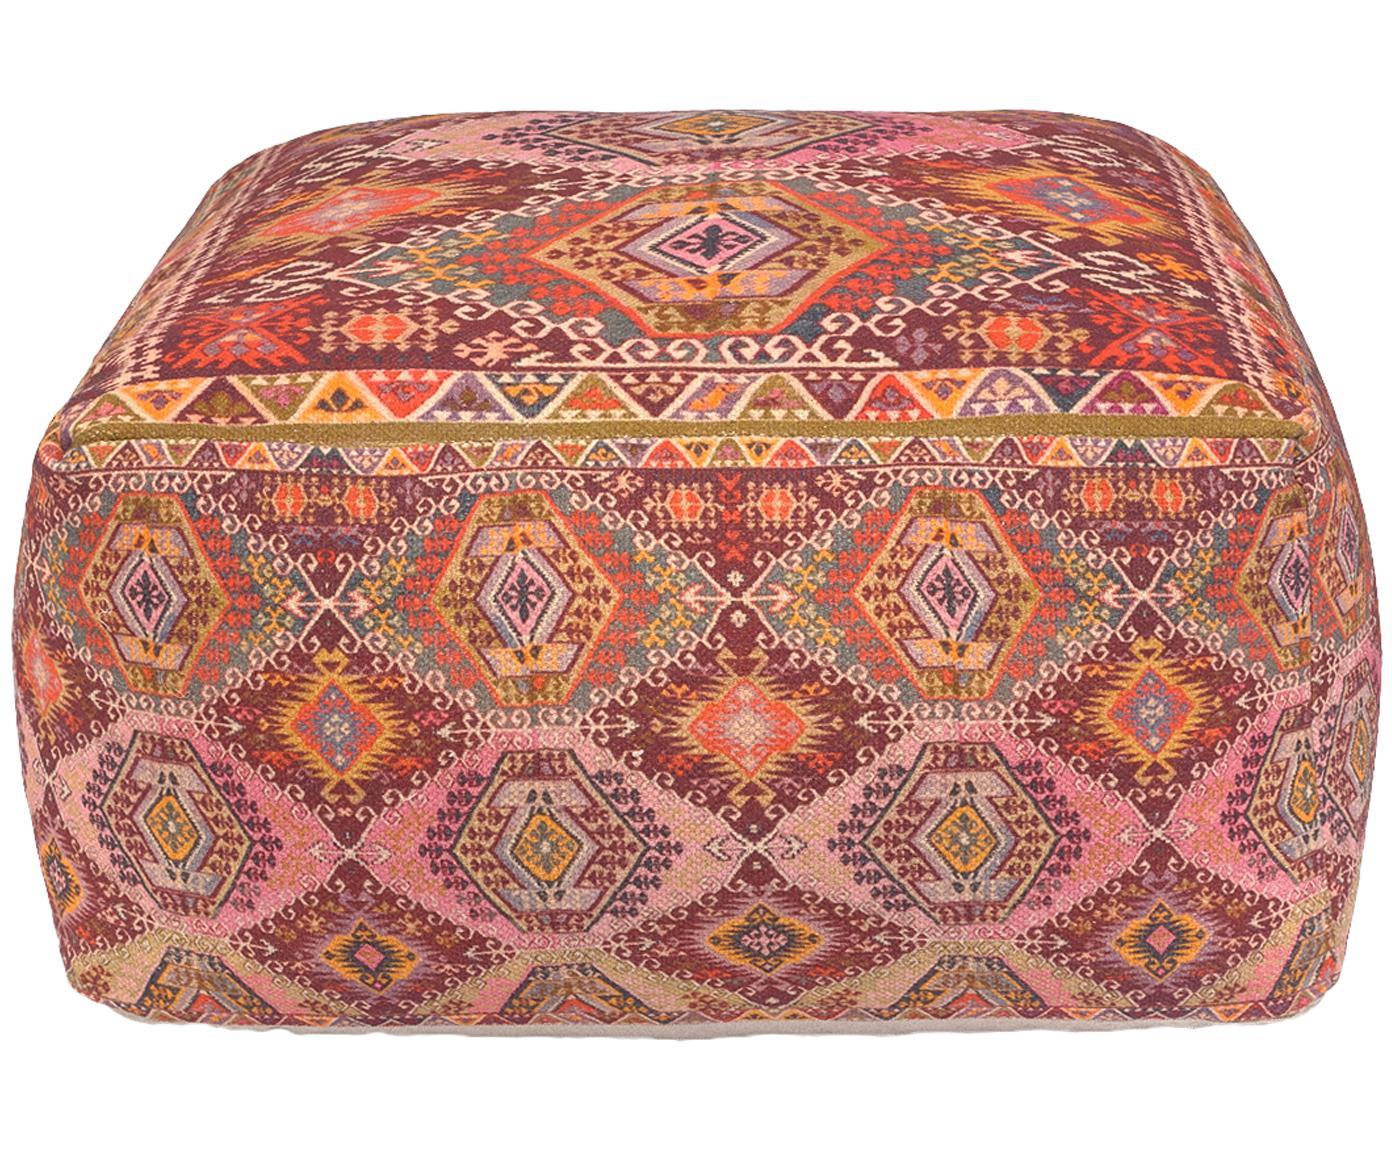 Pouf Tarso im Ethno Style, Bezug: Baumwolle Füllung, Rot, Rosa, Orange, Beige, 60 x 30 cm